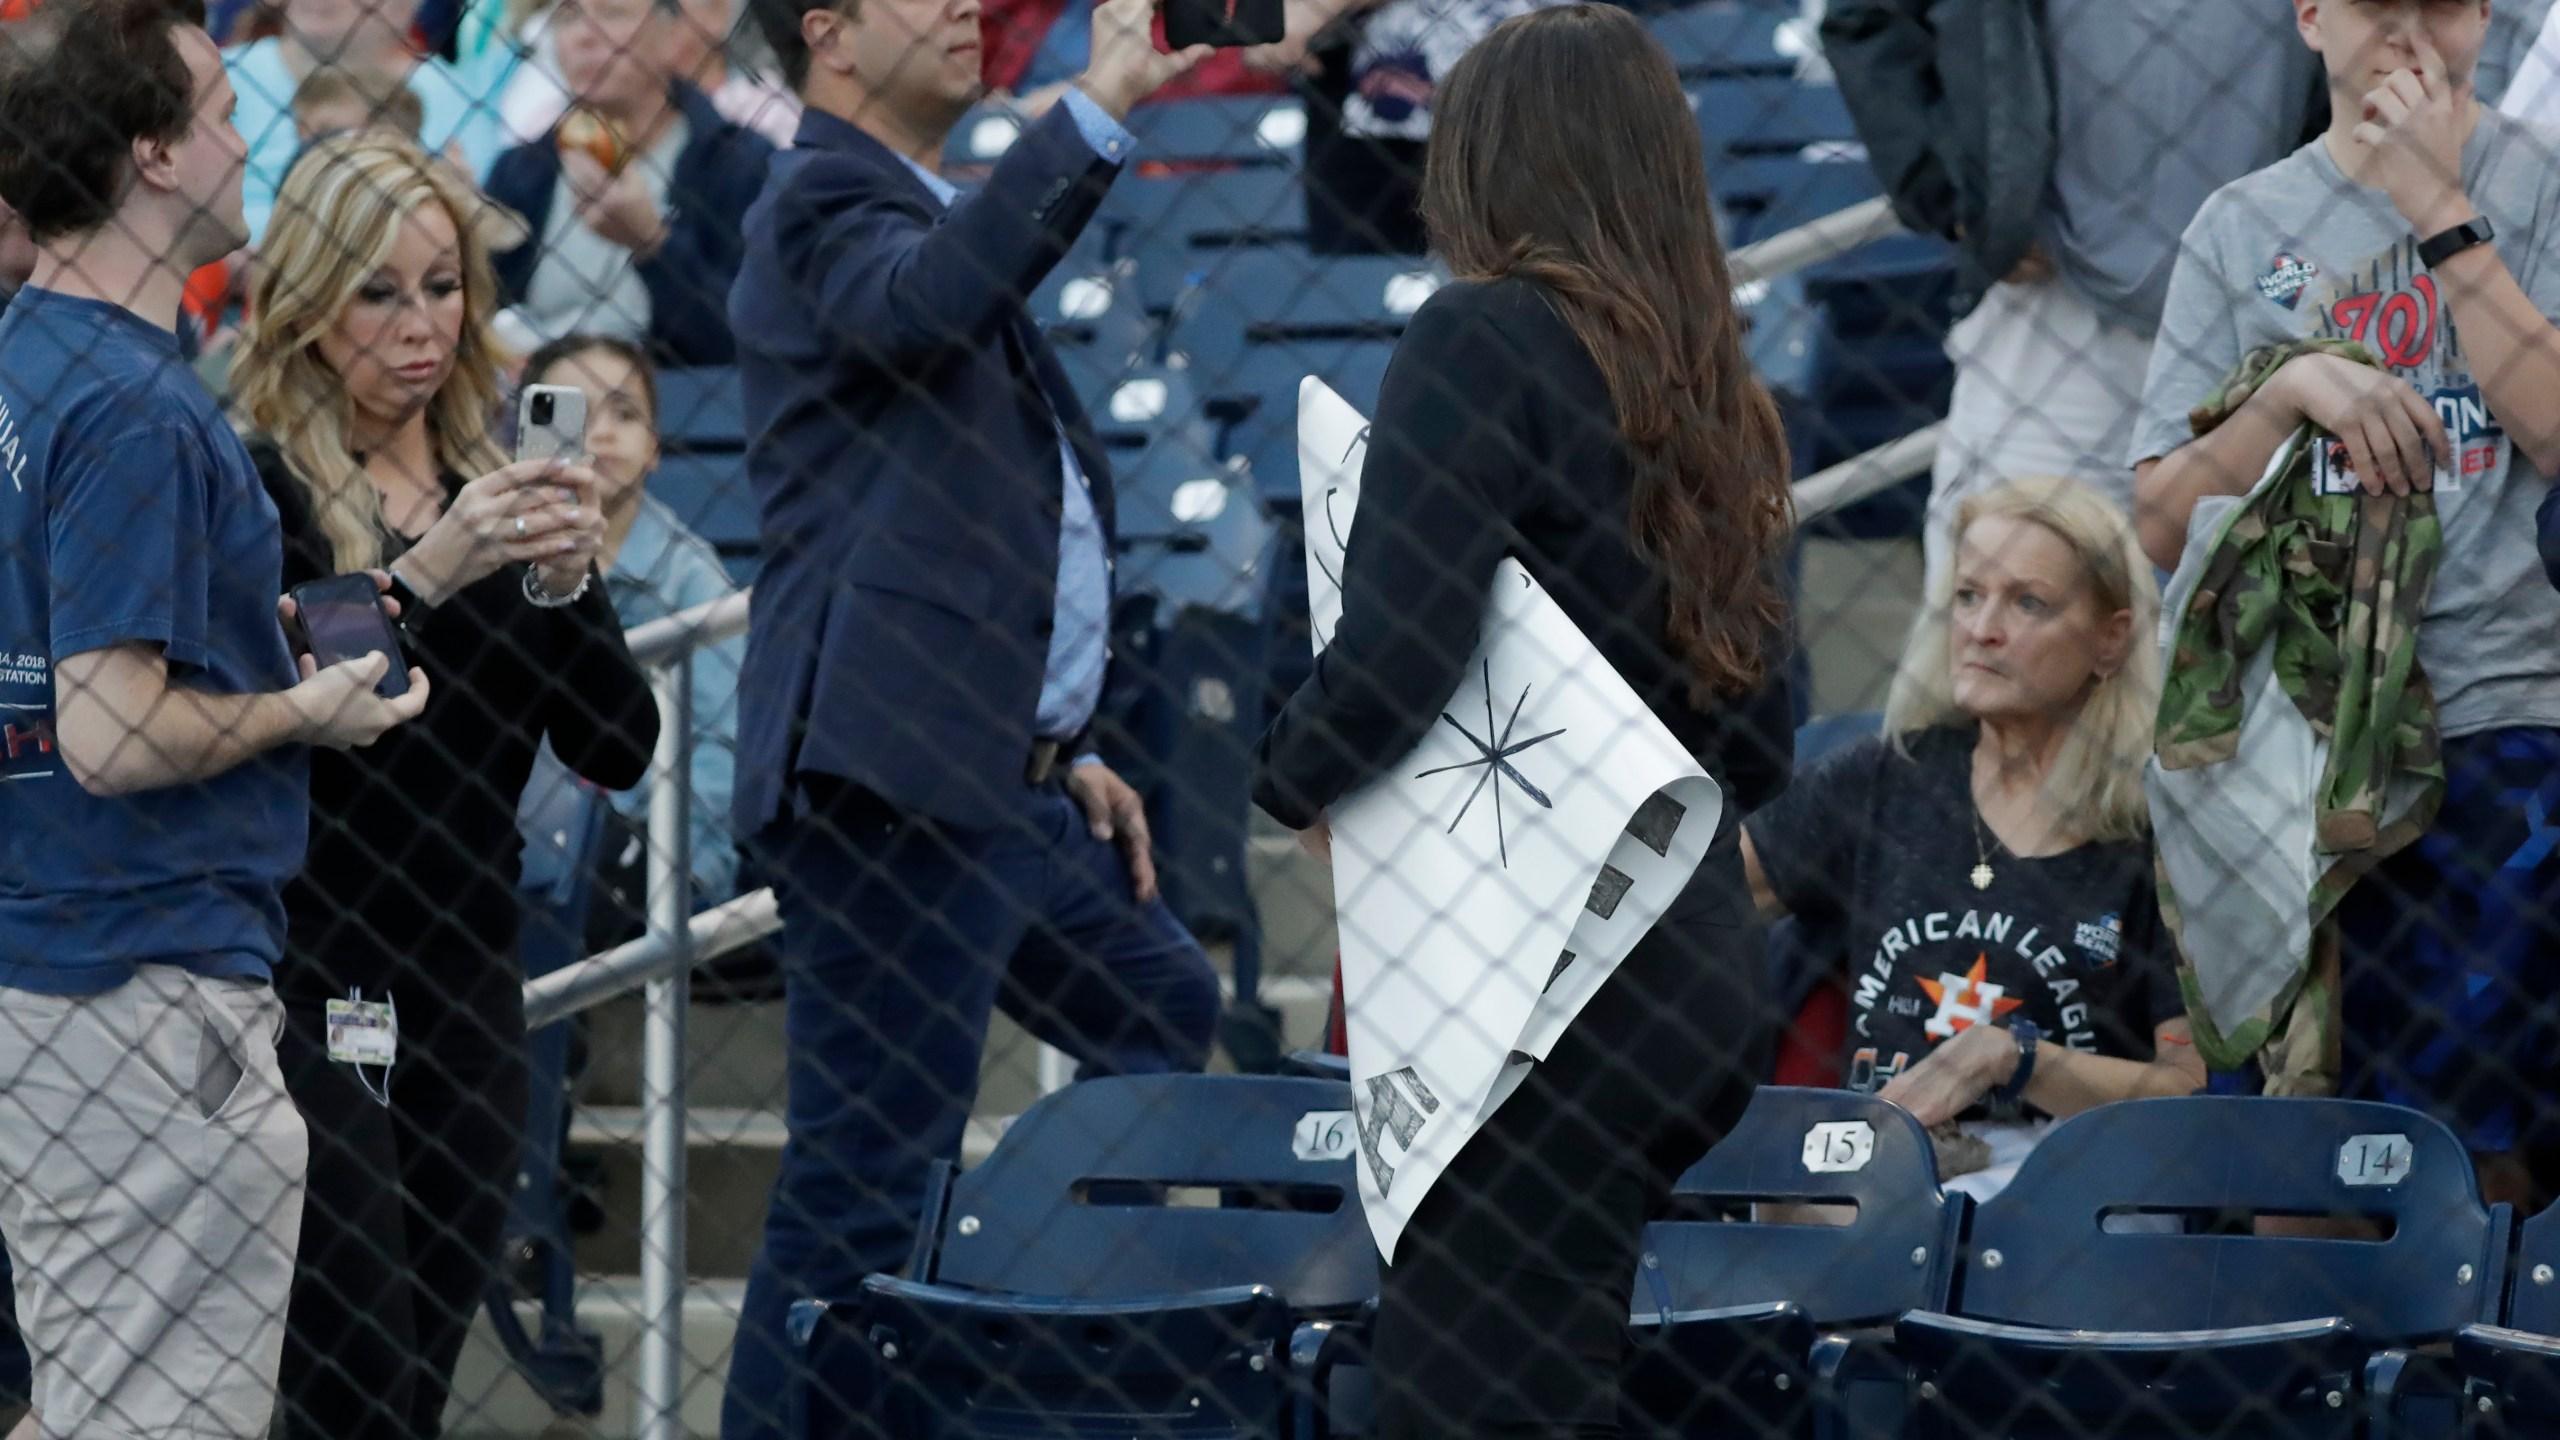 Fans Heckling Astros Spring Opener Get Signs Stolen Kamr